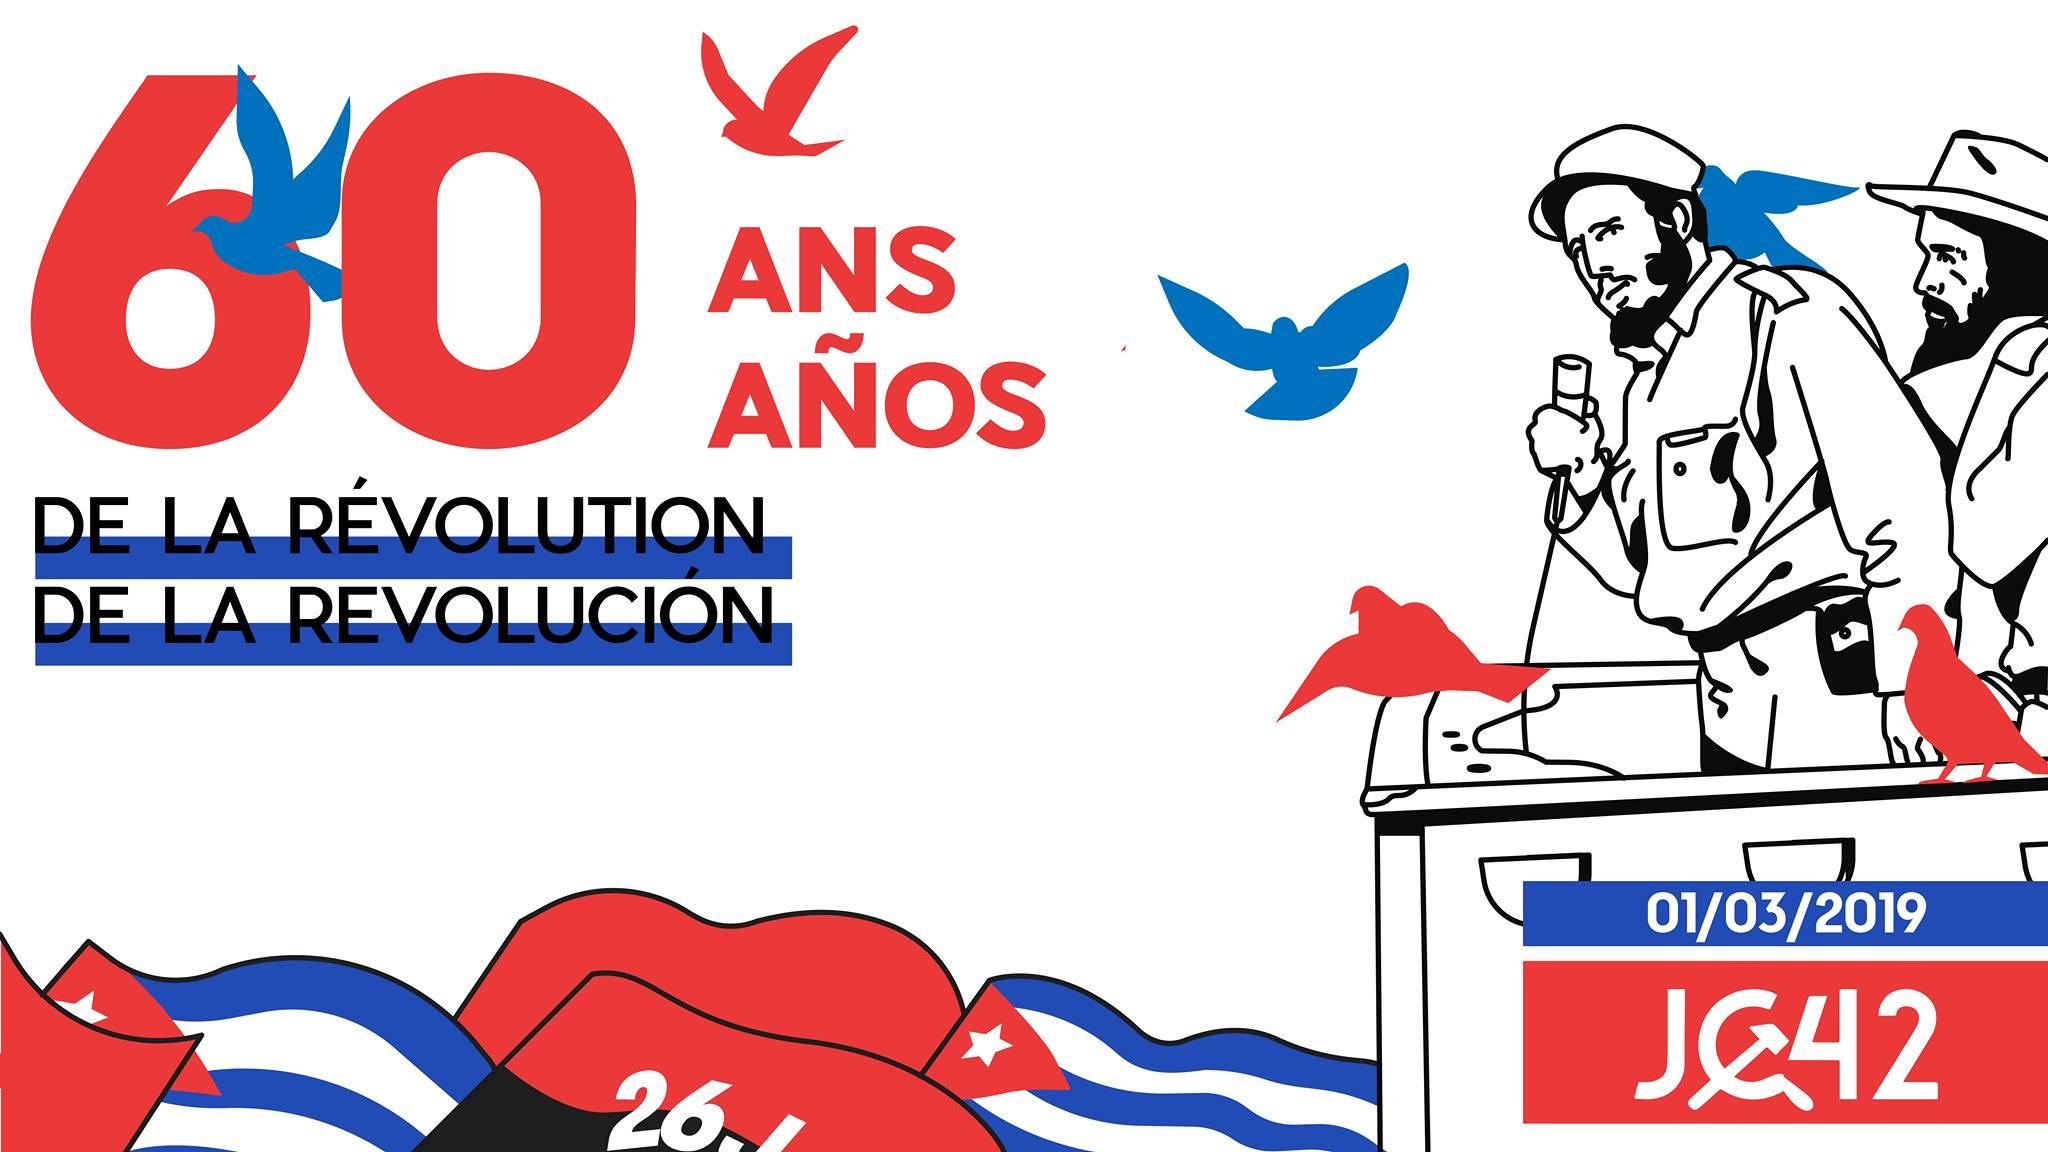 CUBA : 60 Ans de Révolution